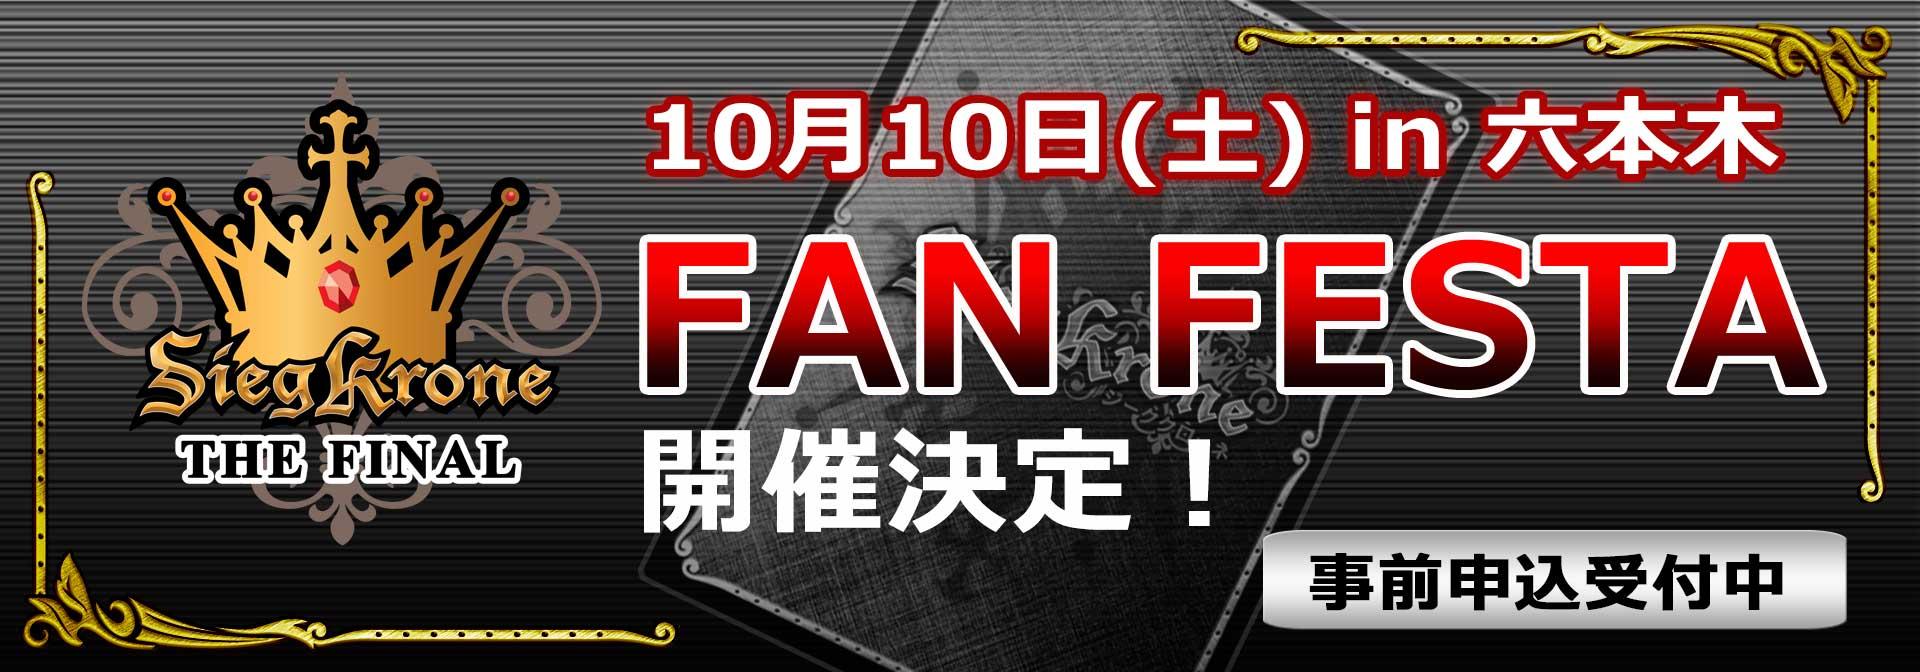 siegkrone-final-fan-festa-20151010.jpg